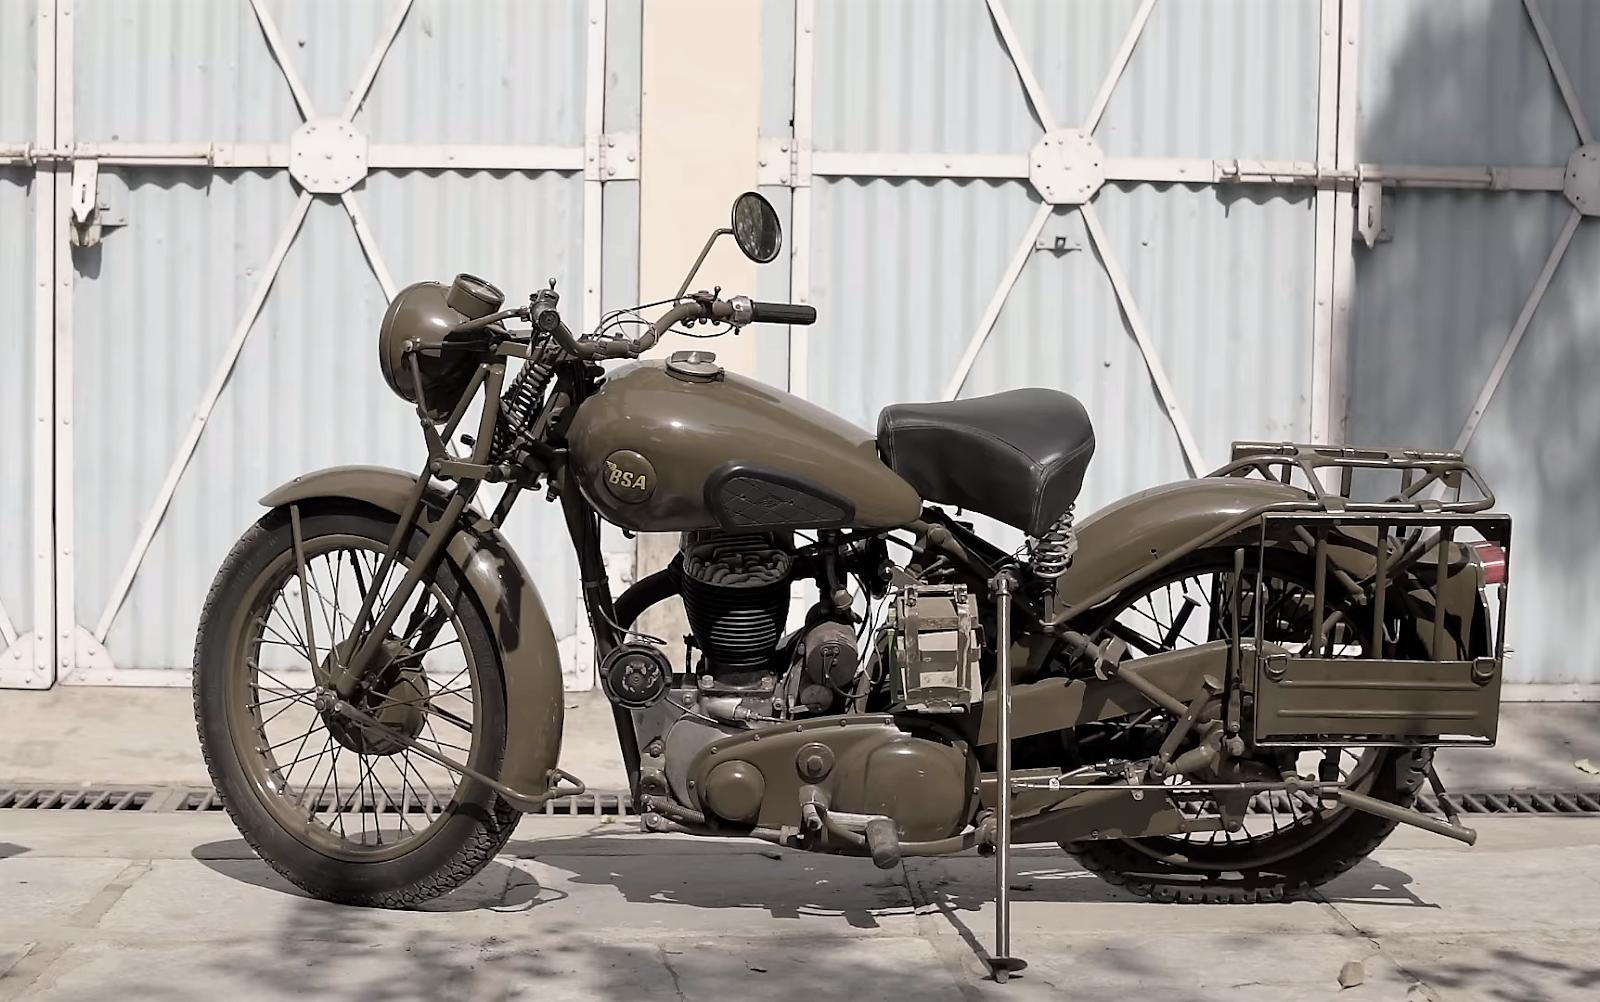 A Fine Vintage The 1941 BSA M20